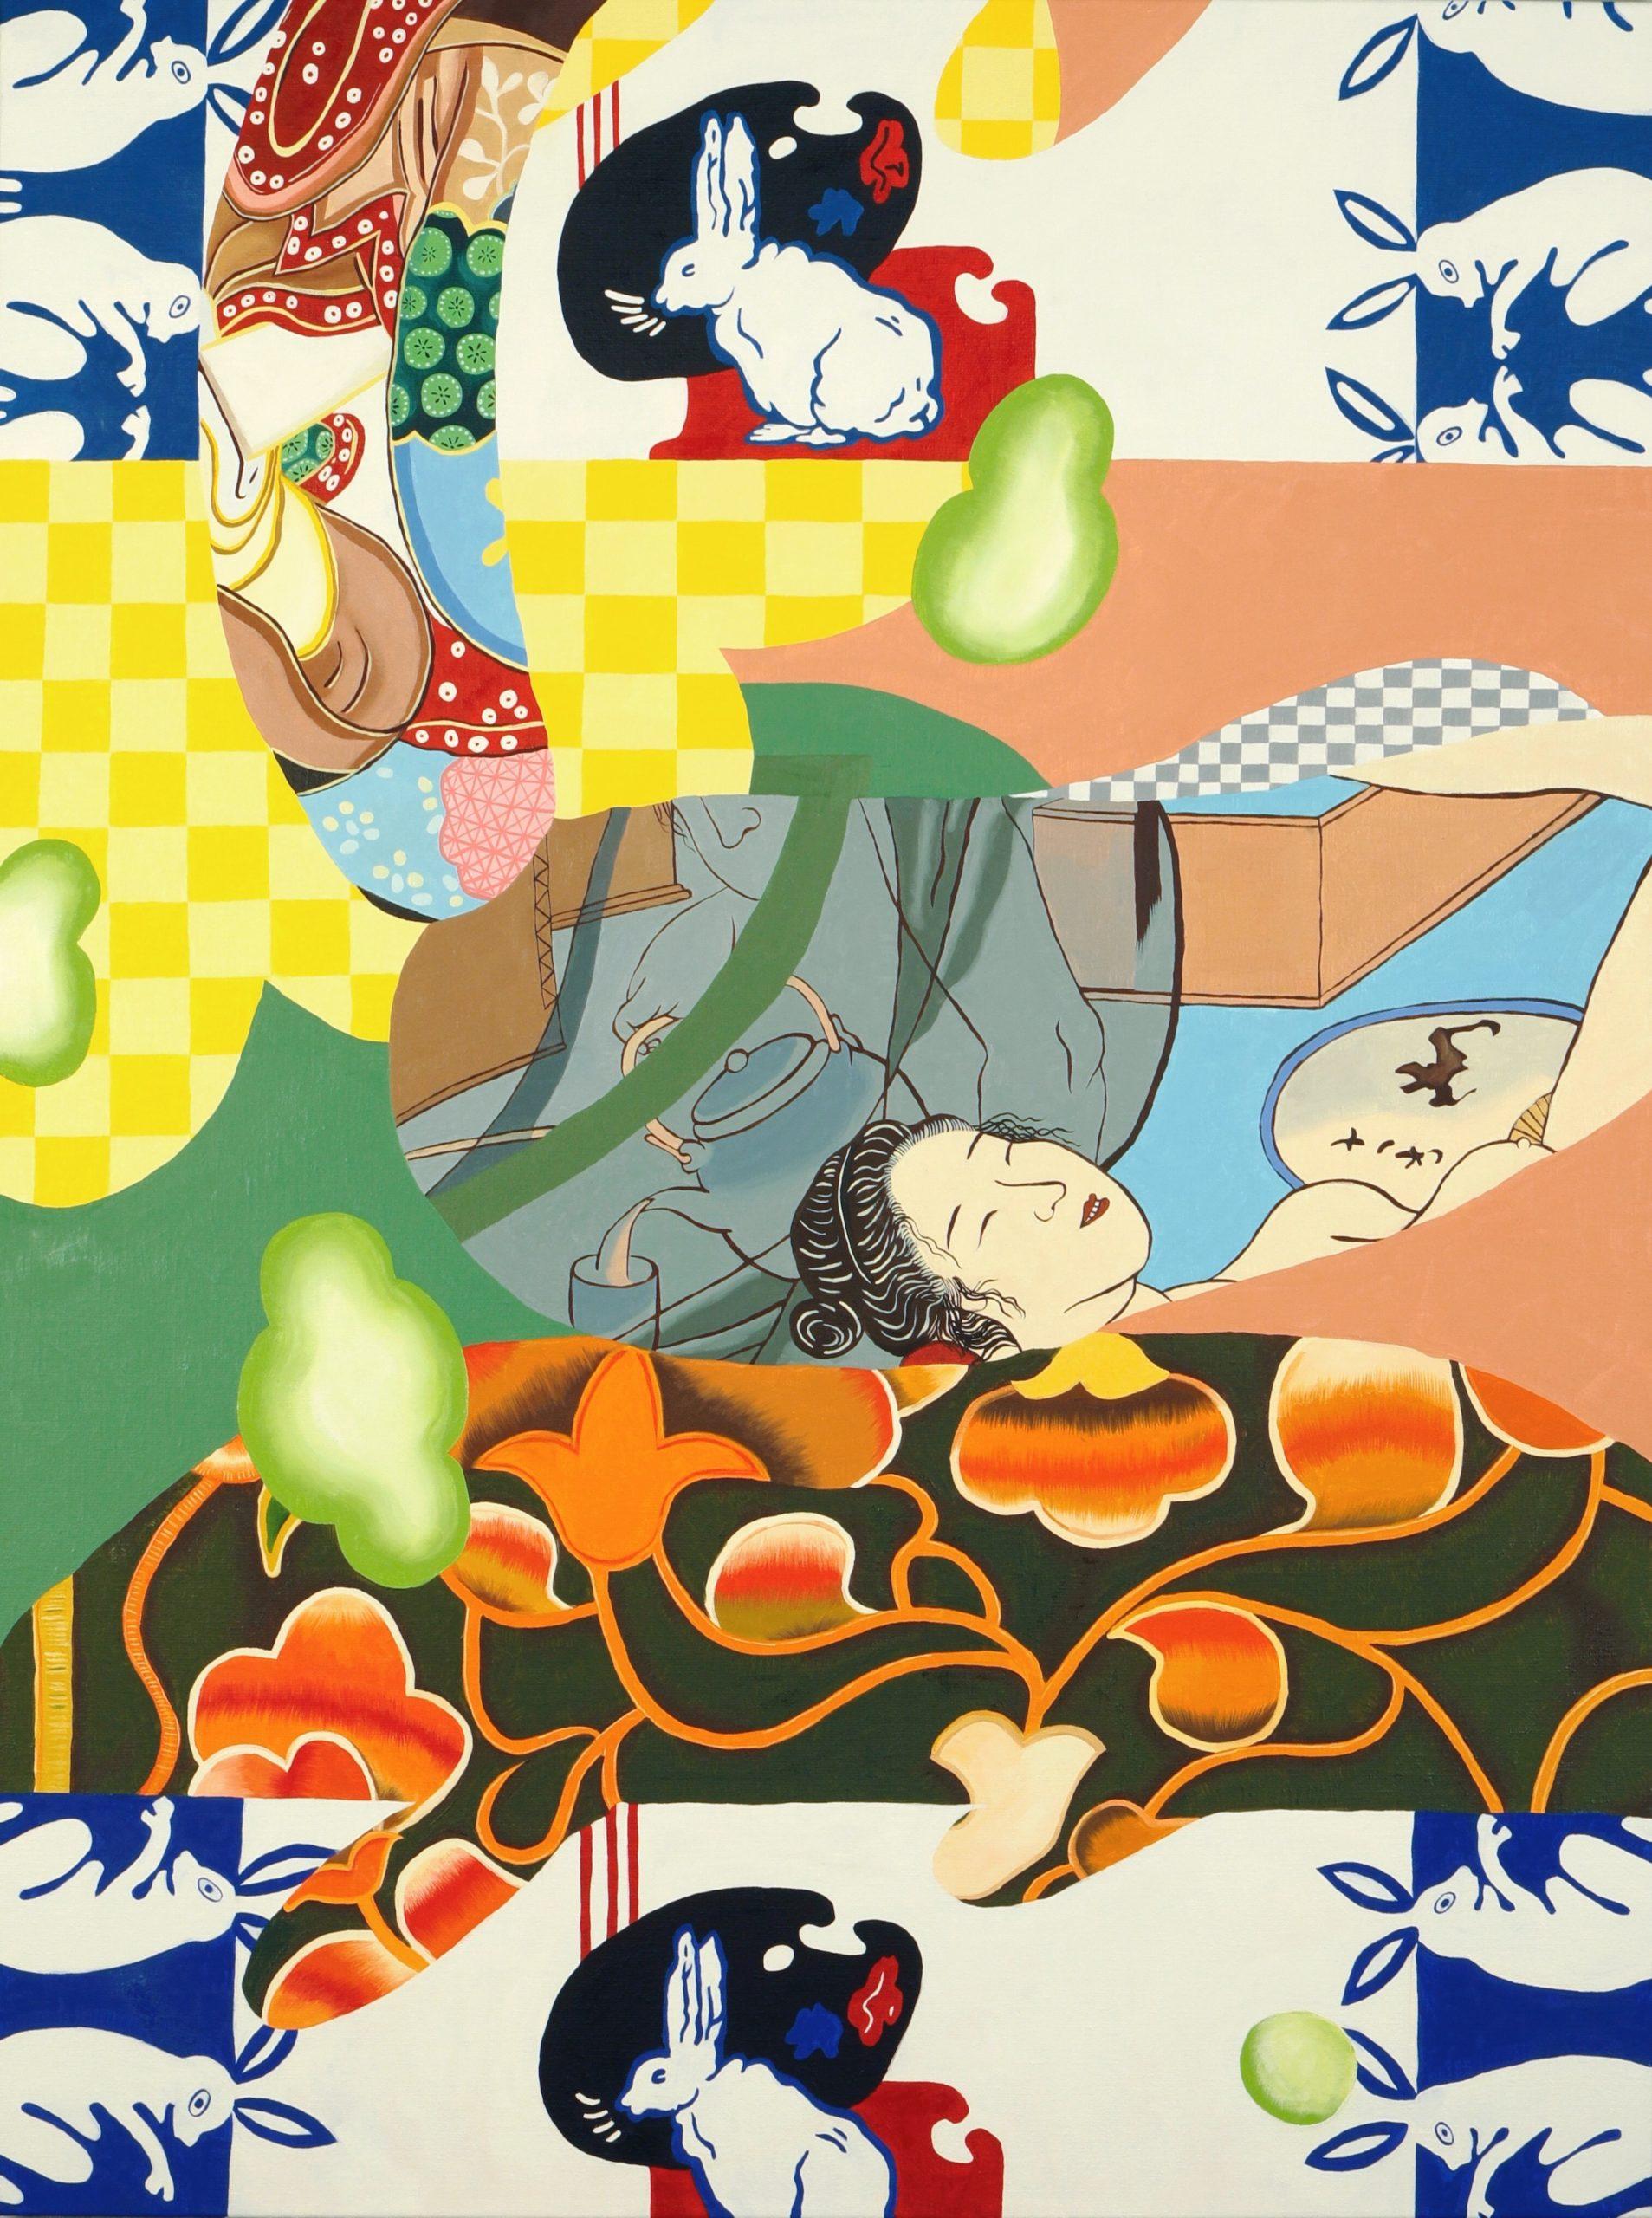 Ziping Wang, Painting for the unsing bird, 2020